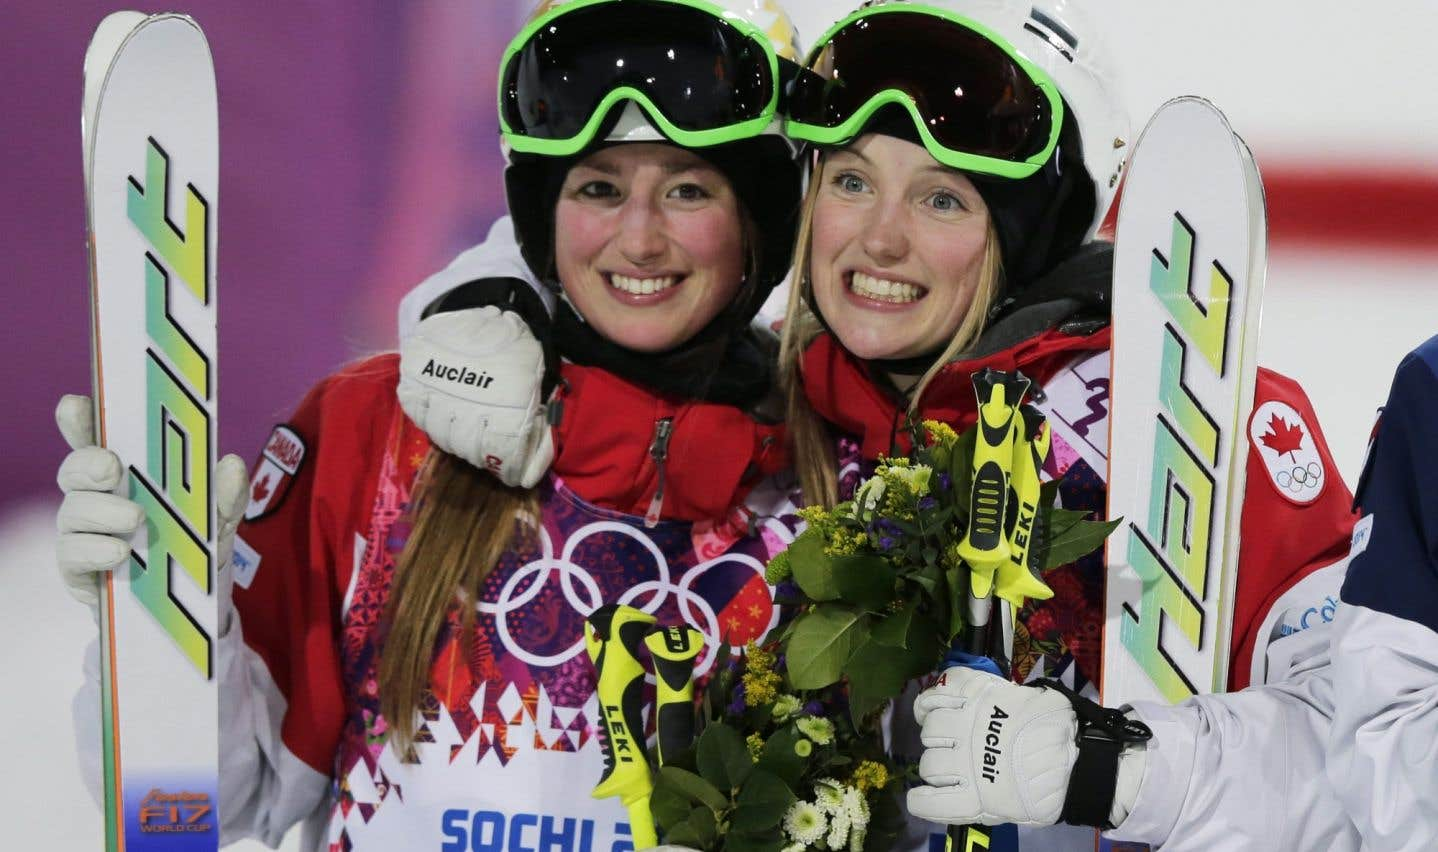 Comme à Sotchi, les soeurs Dufour-Lapointe ont raflé les première et deuxième position lors de la Coupe du monde de ski acrobatique.